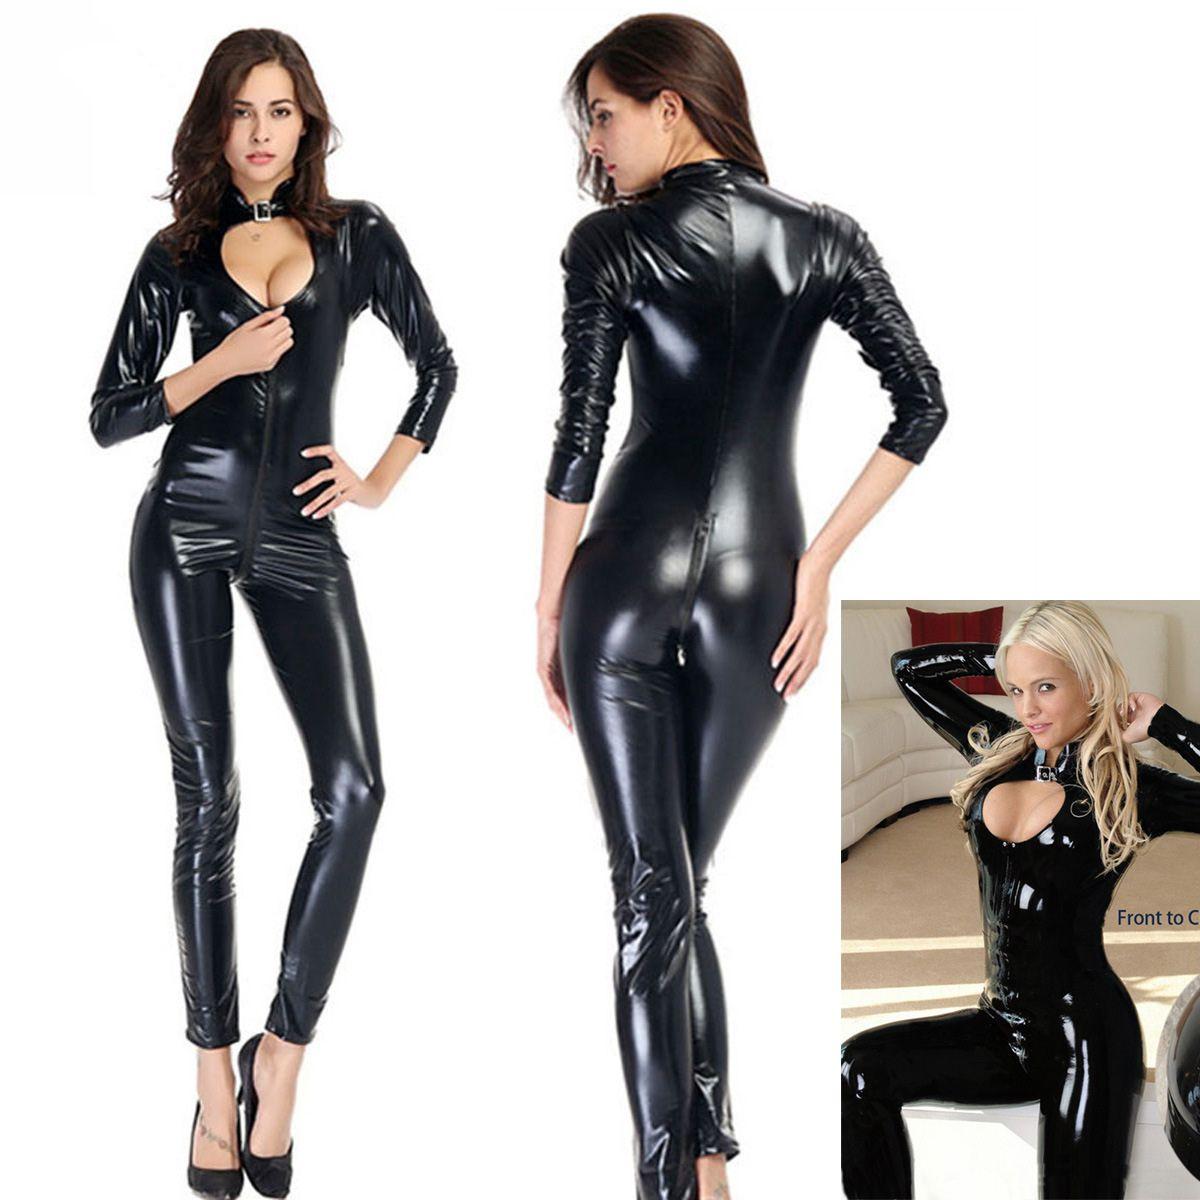 Erotic chiusura lampo anteriore Fetish Wear 50% pelle lucida Wetlook PVC Catsuit aperto sexy della biforcazione AV Costume Nero Body Intimo